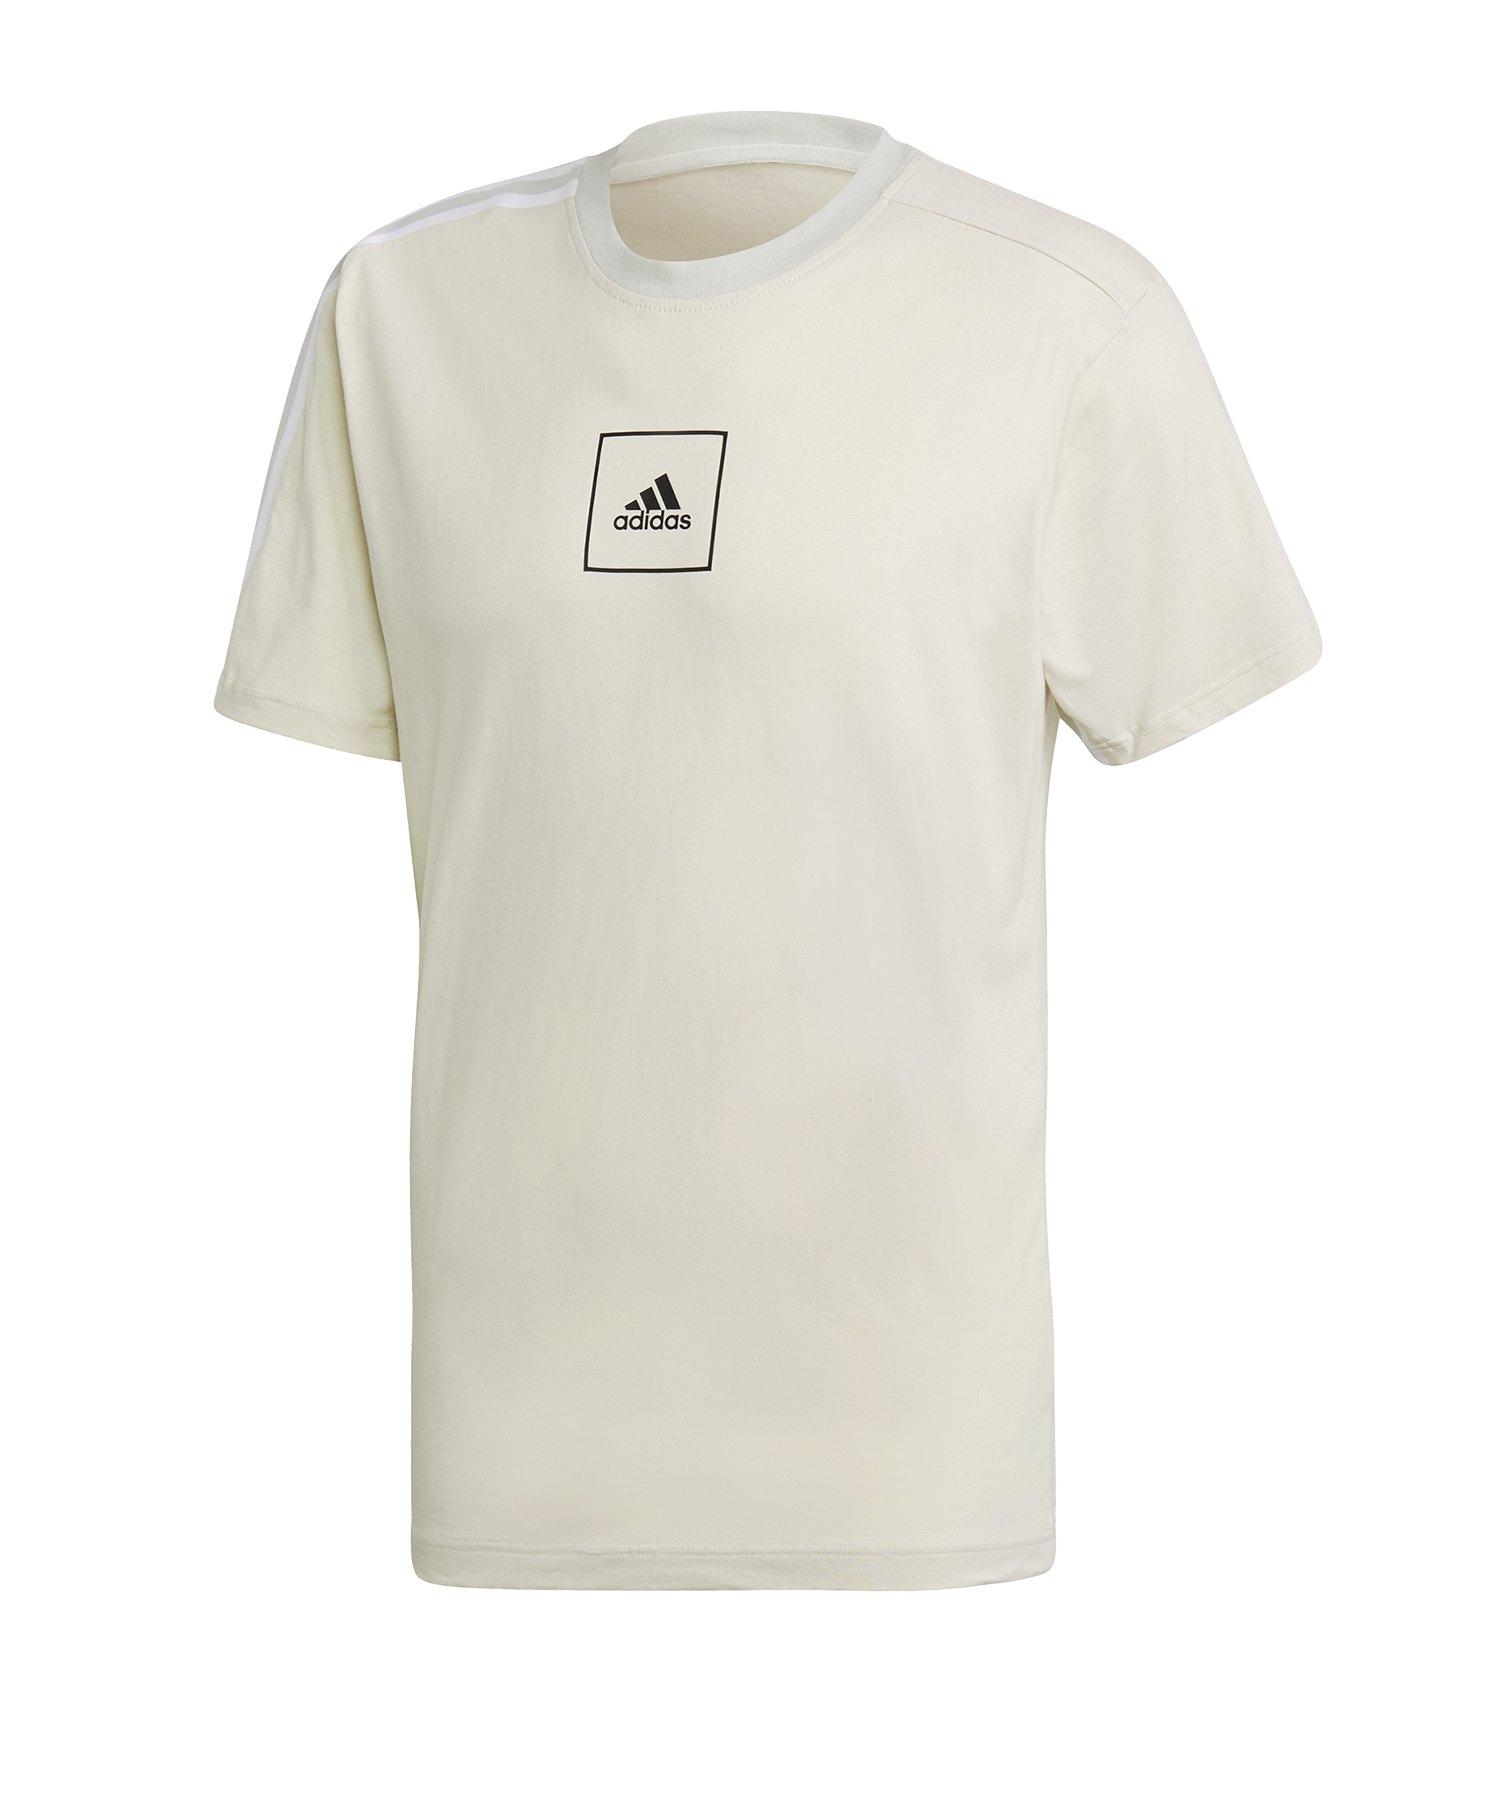 adidas Tape 3 Stripes Tee T-Shirt Grau - grau